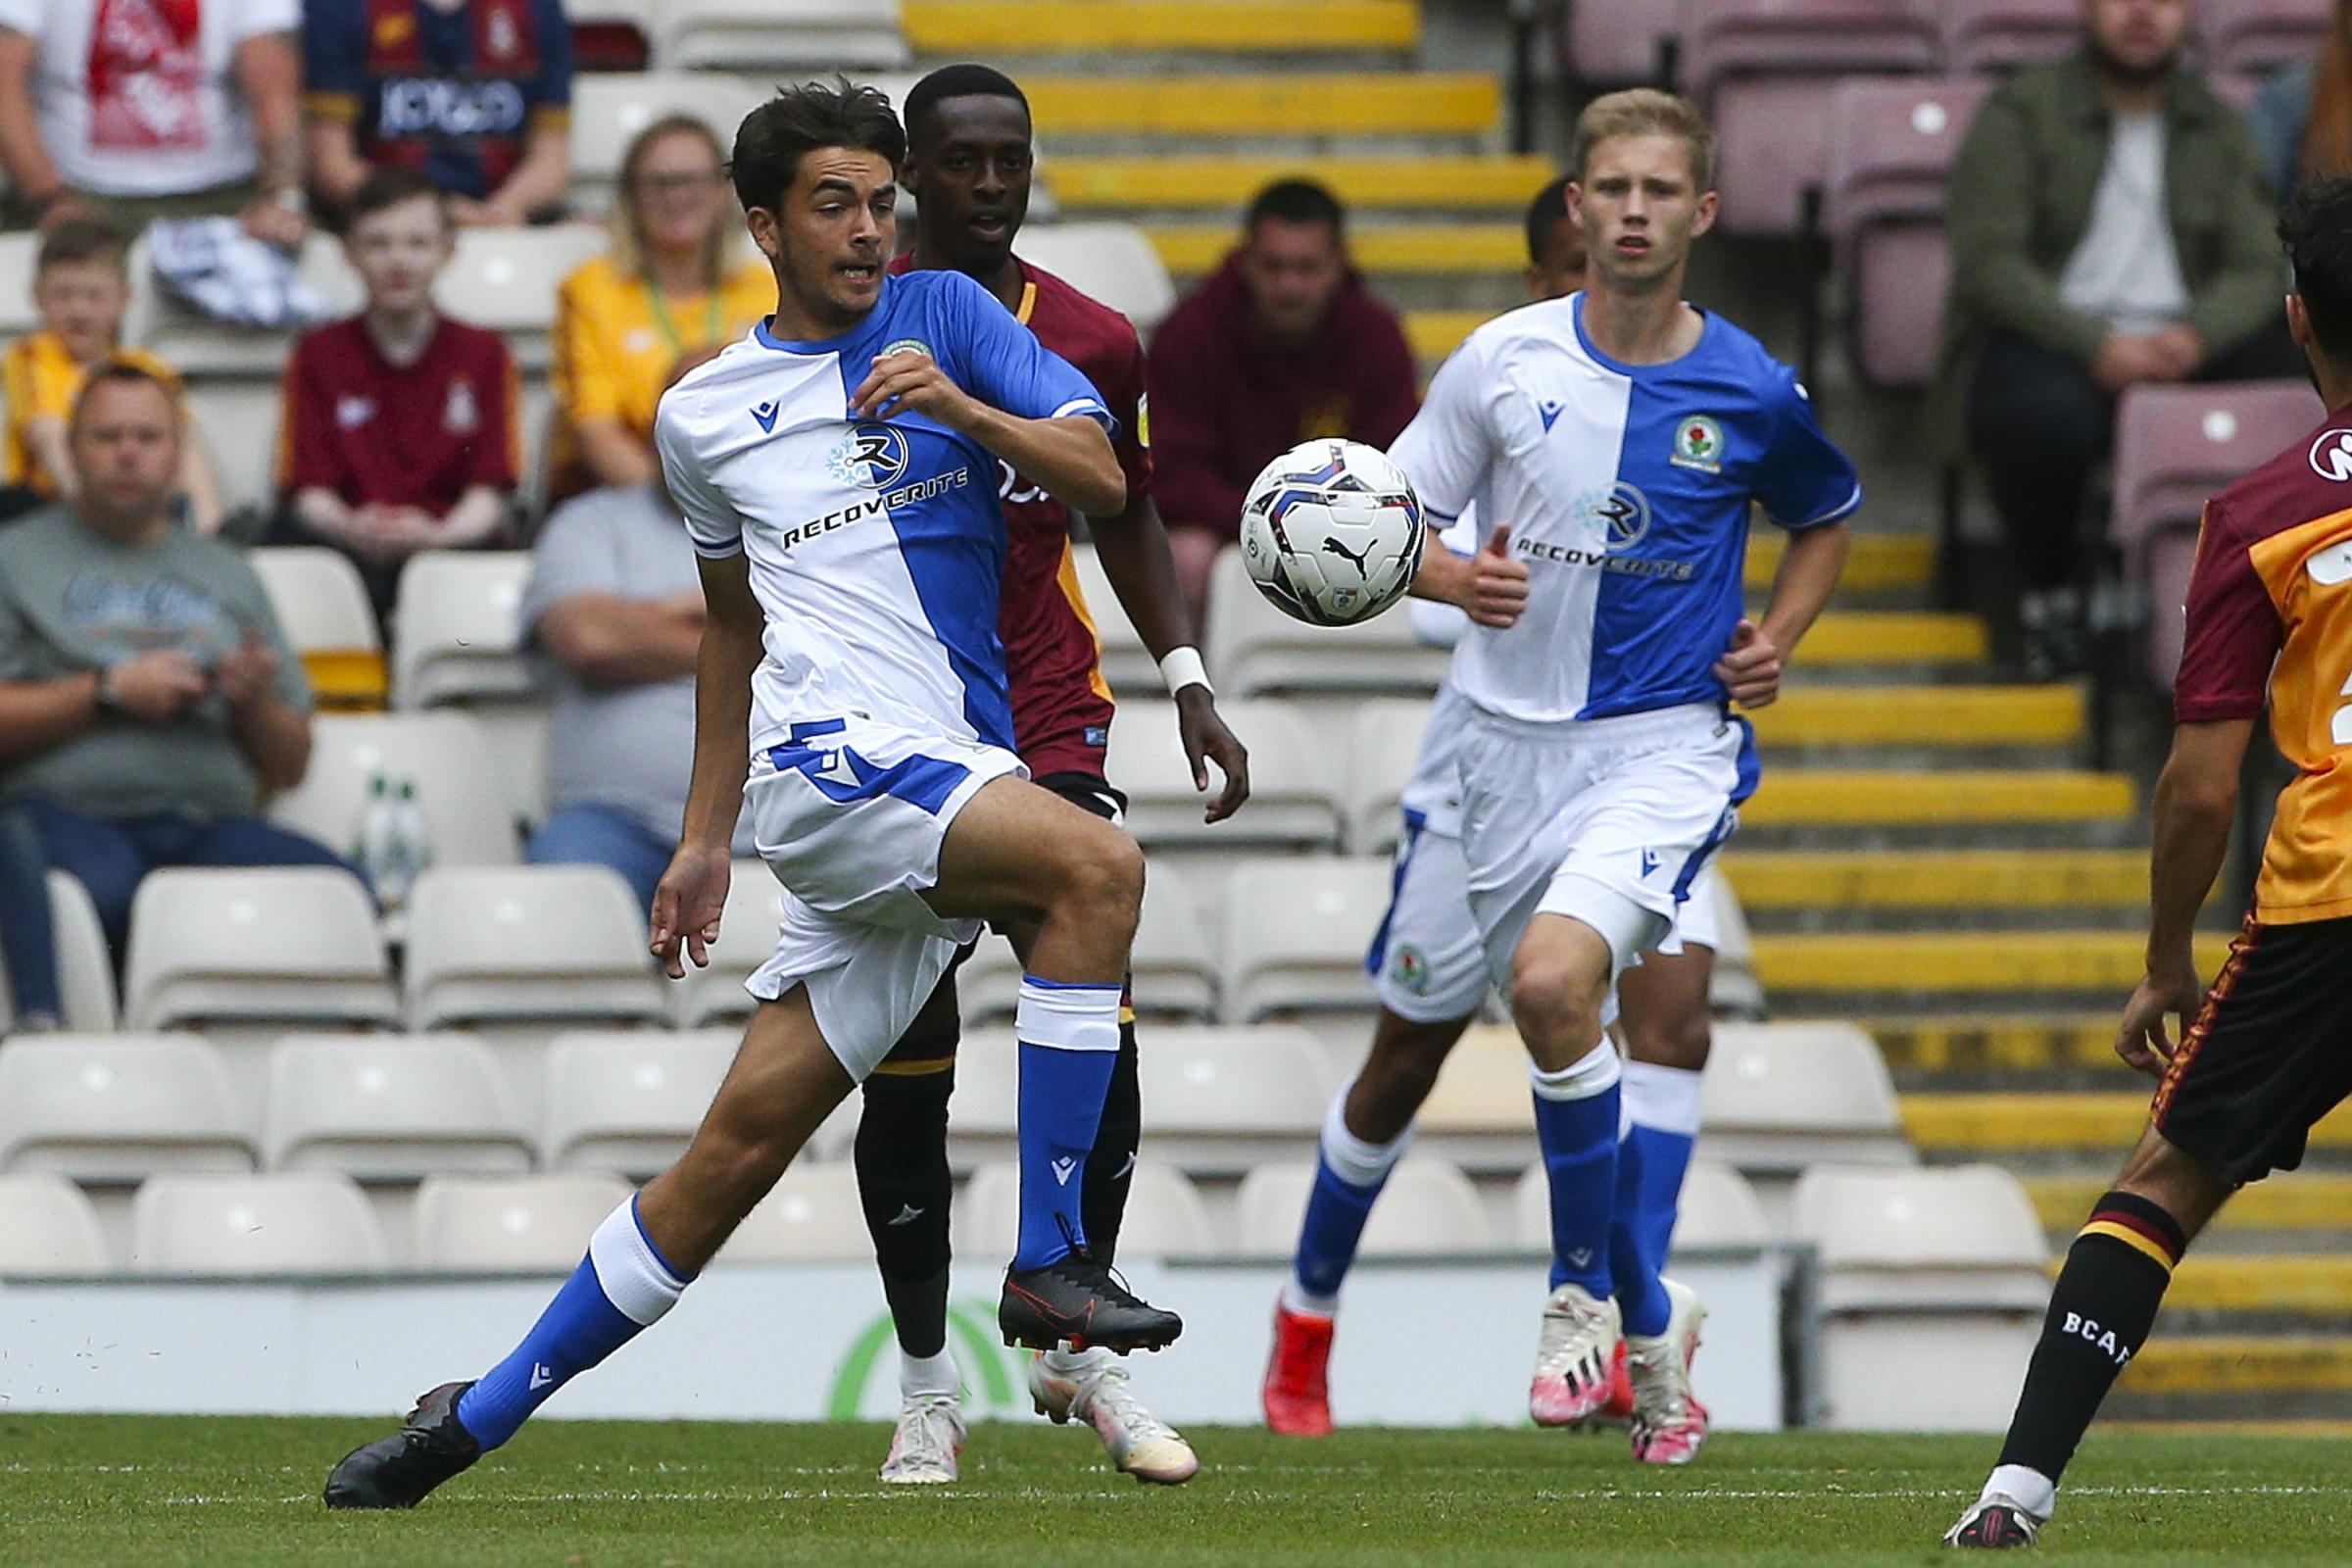 Irlanda hace su movimiento por el prospecto de Blackburn Rovers Zak Gilsenan